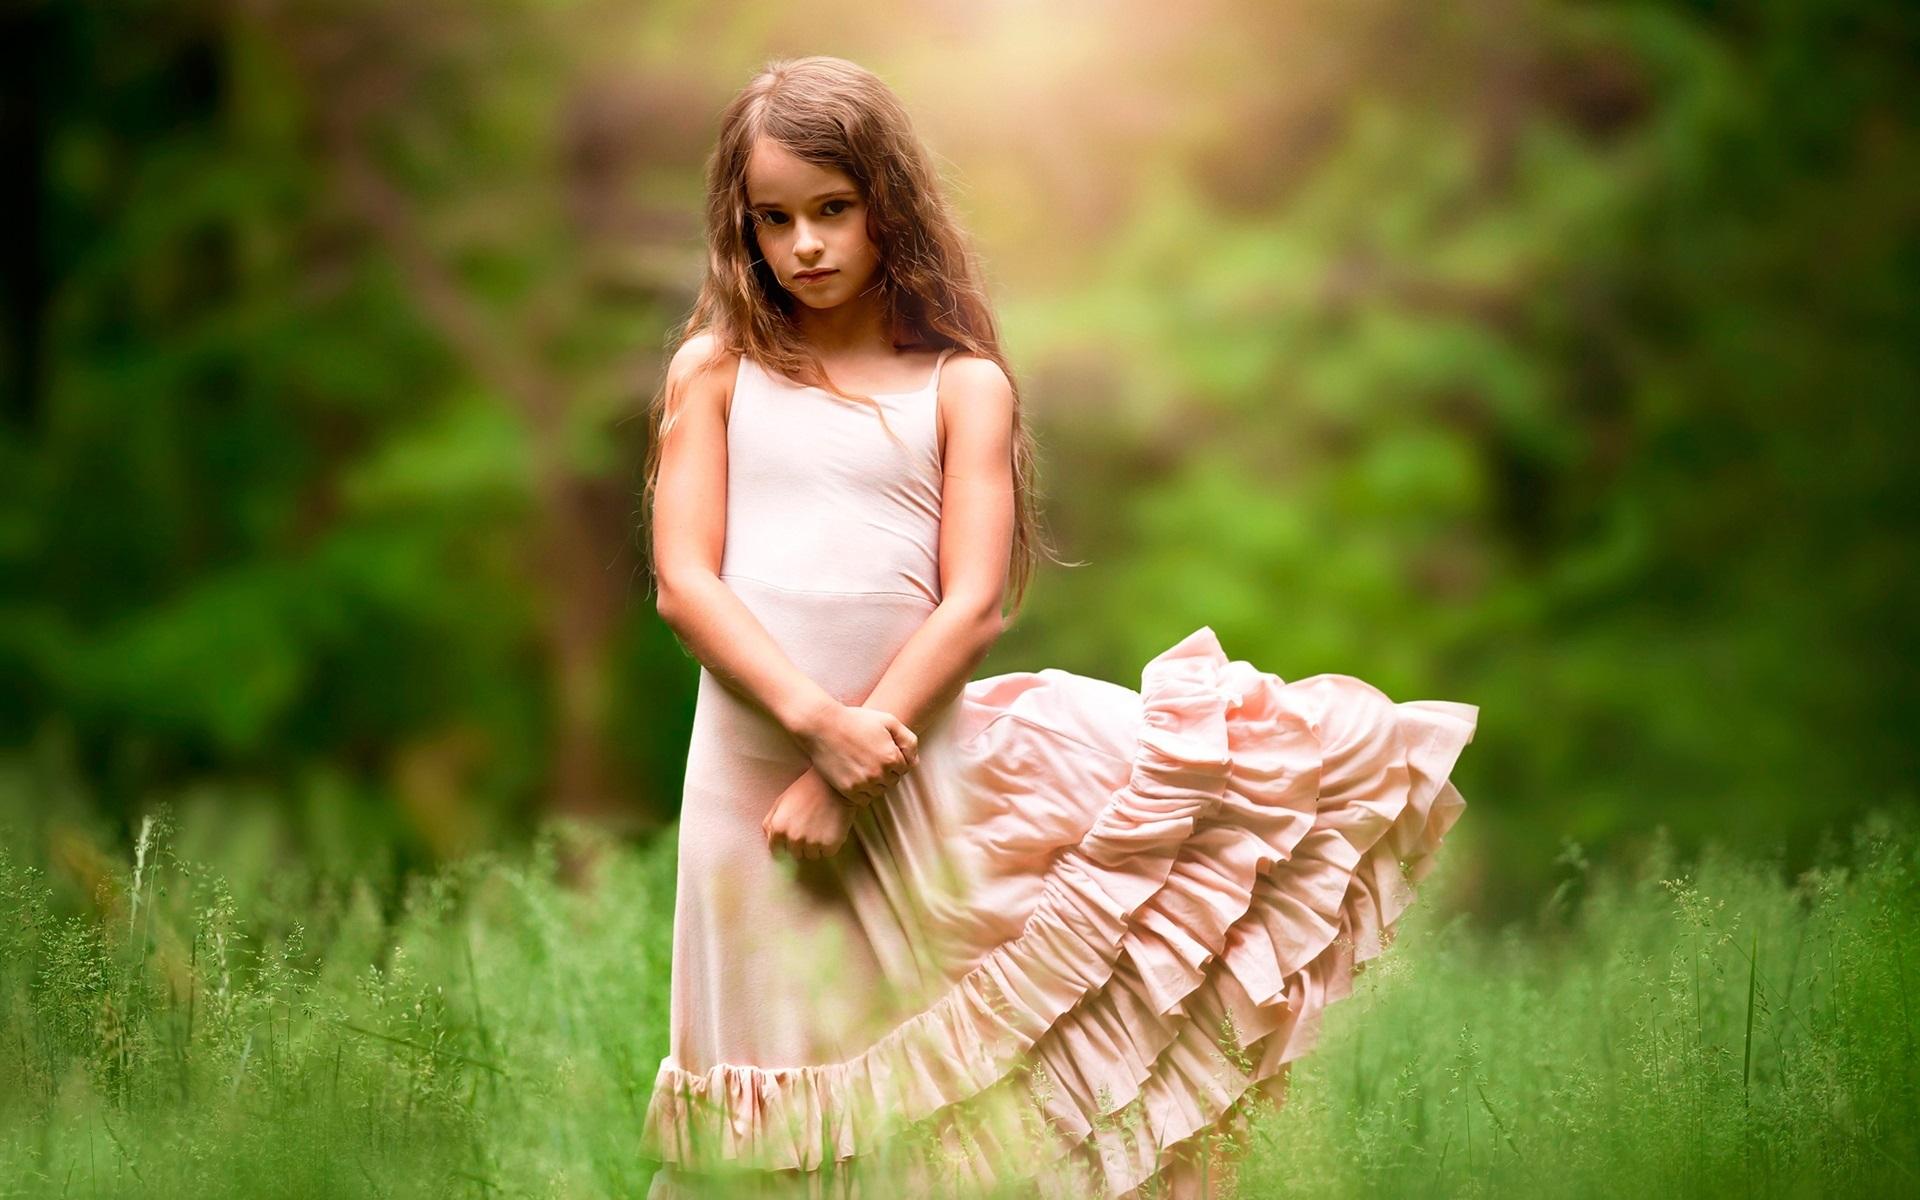 Fall Leaves Dancing Wallpaper Cute Girl Child Grass Wind Wallpaper Cute Wallpaper